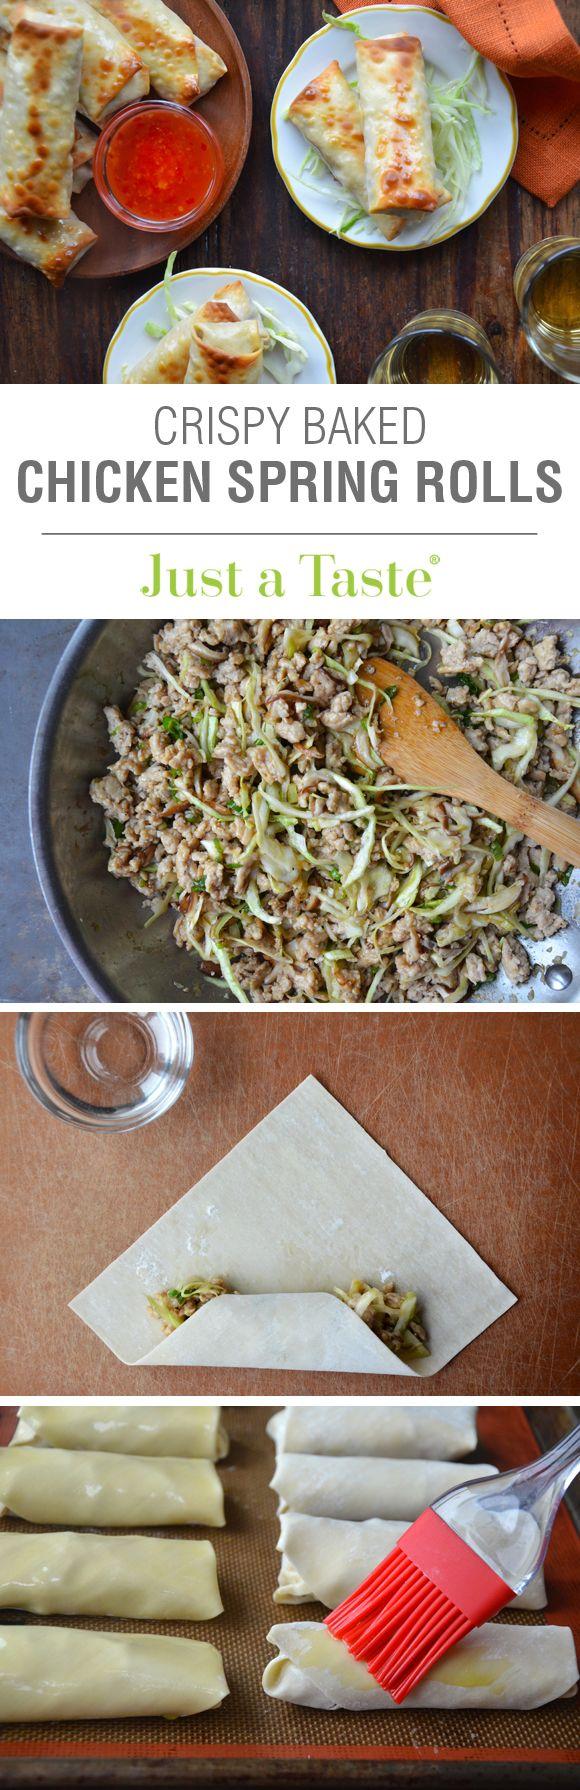 Crispy Baked Chicken Spring Rolls #recipe on justataste.com